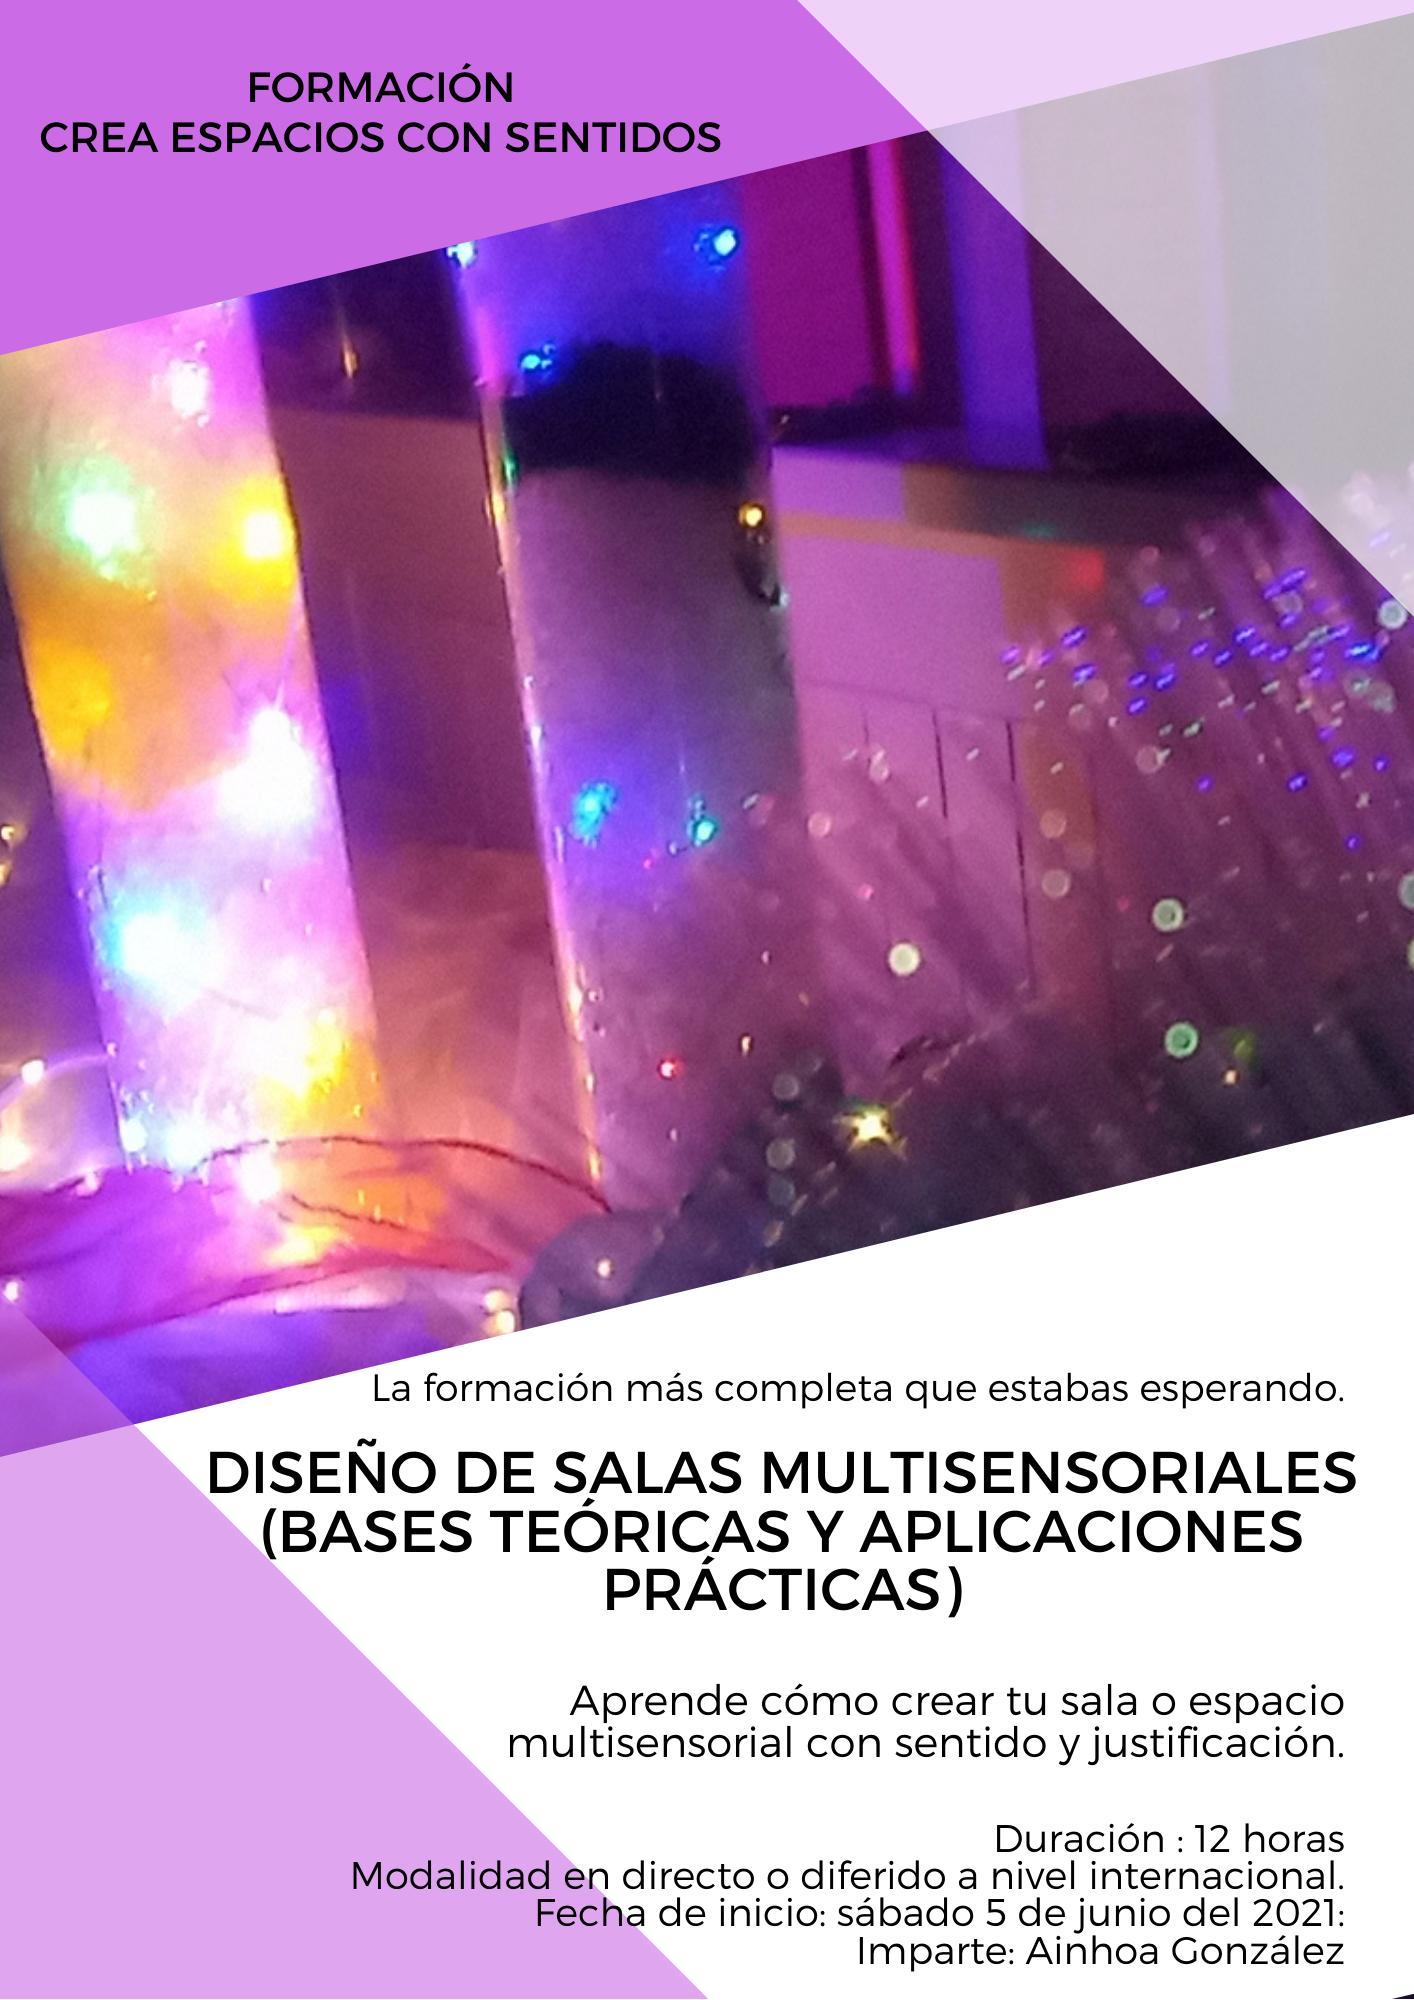 DISEÑO DE SALAS MULTISENSORIALES (BASES TEÓRICAS Y APLICACIONES PRÁCTICAS)